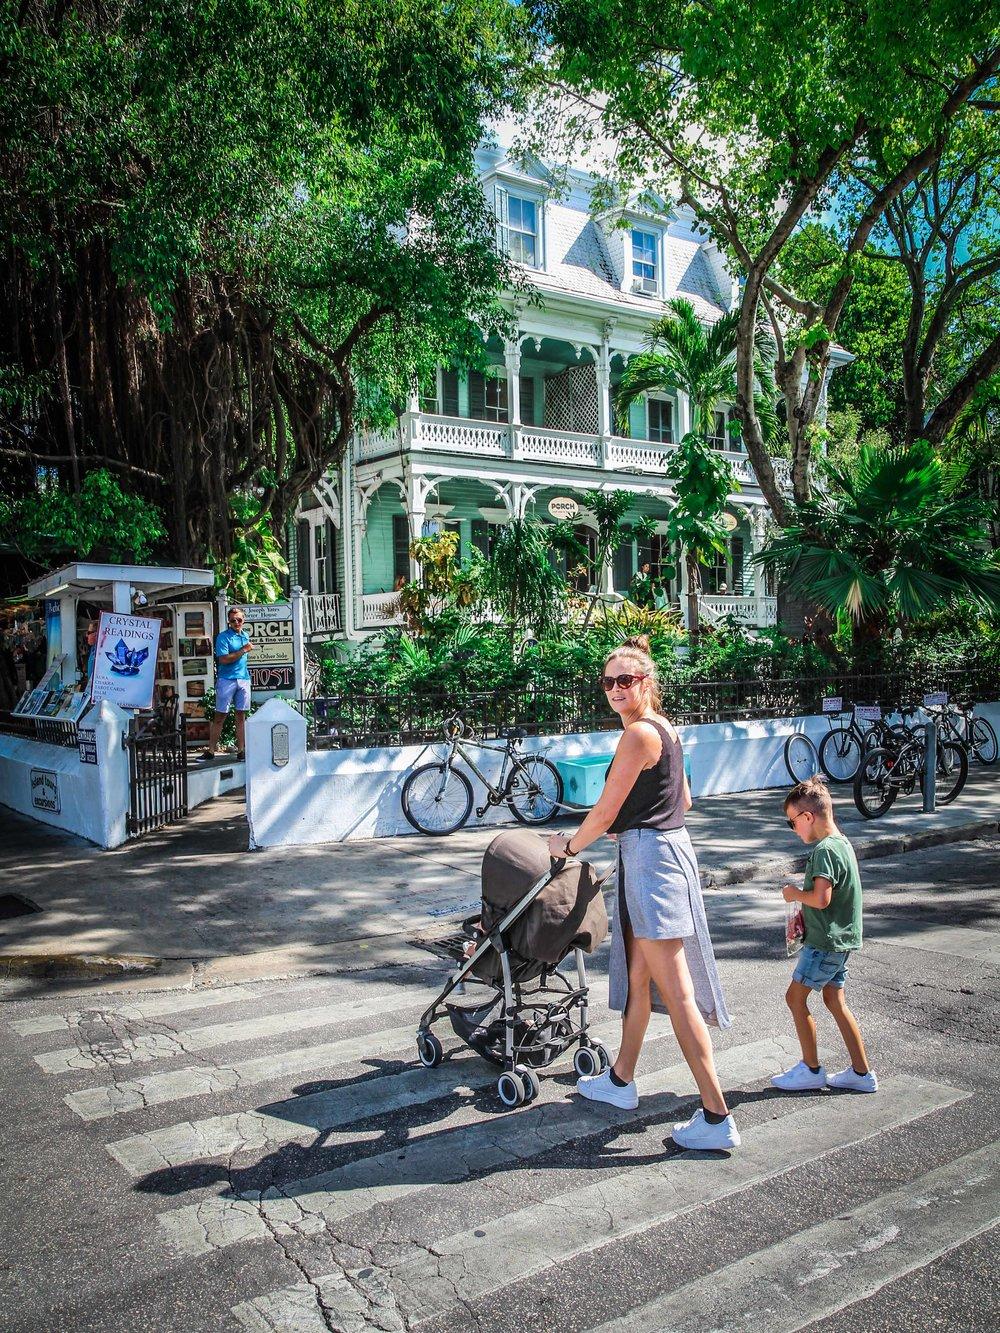 Florida_keys-_Key_west_To_do_reizen_met_kinderen-20.jpg